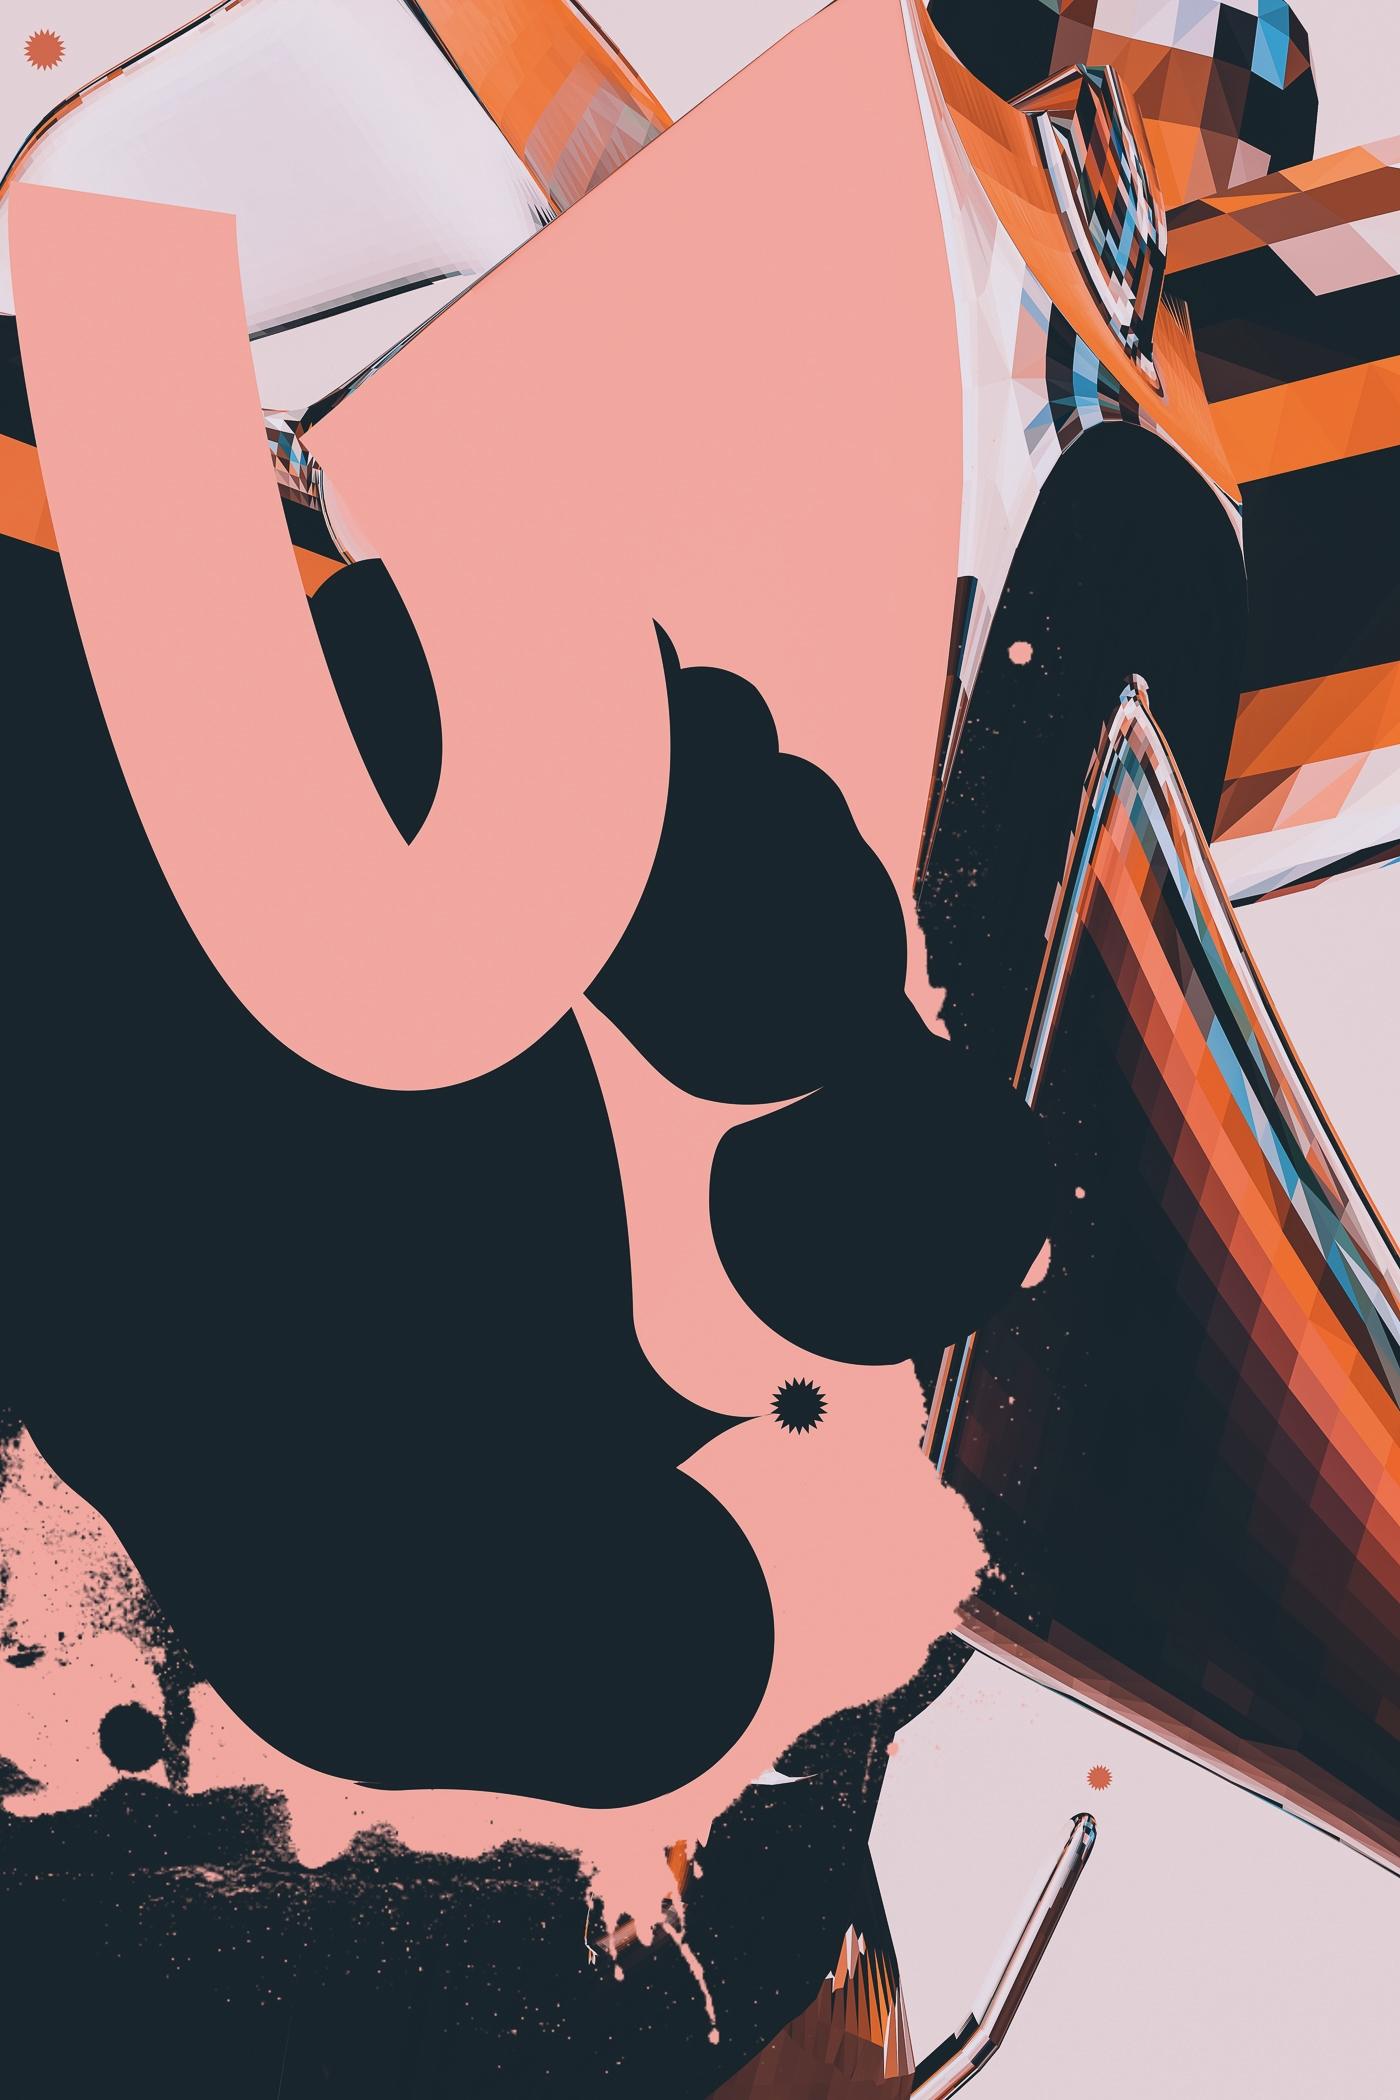 04052017 - designgraphik | ello